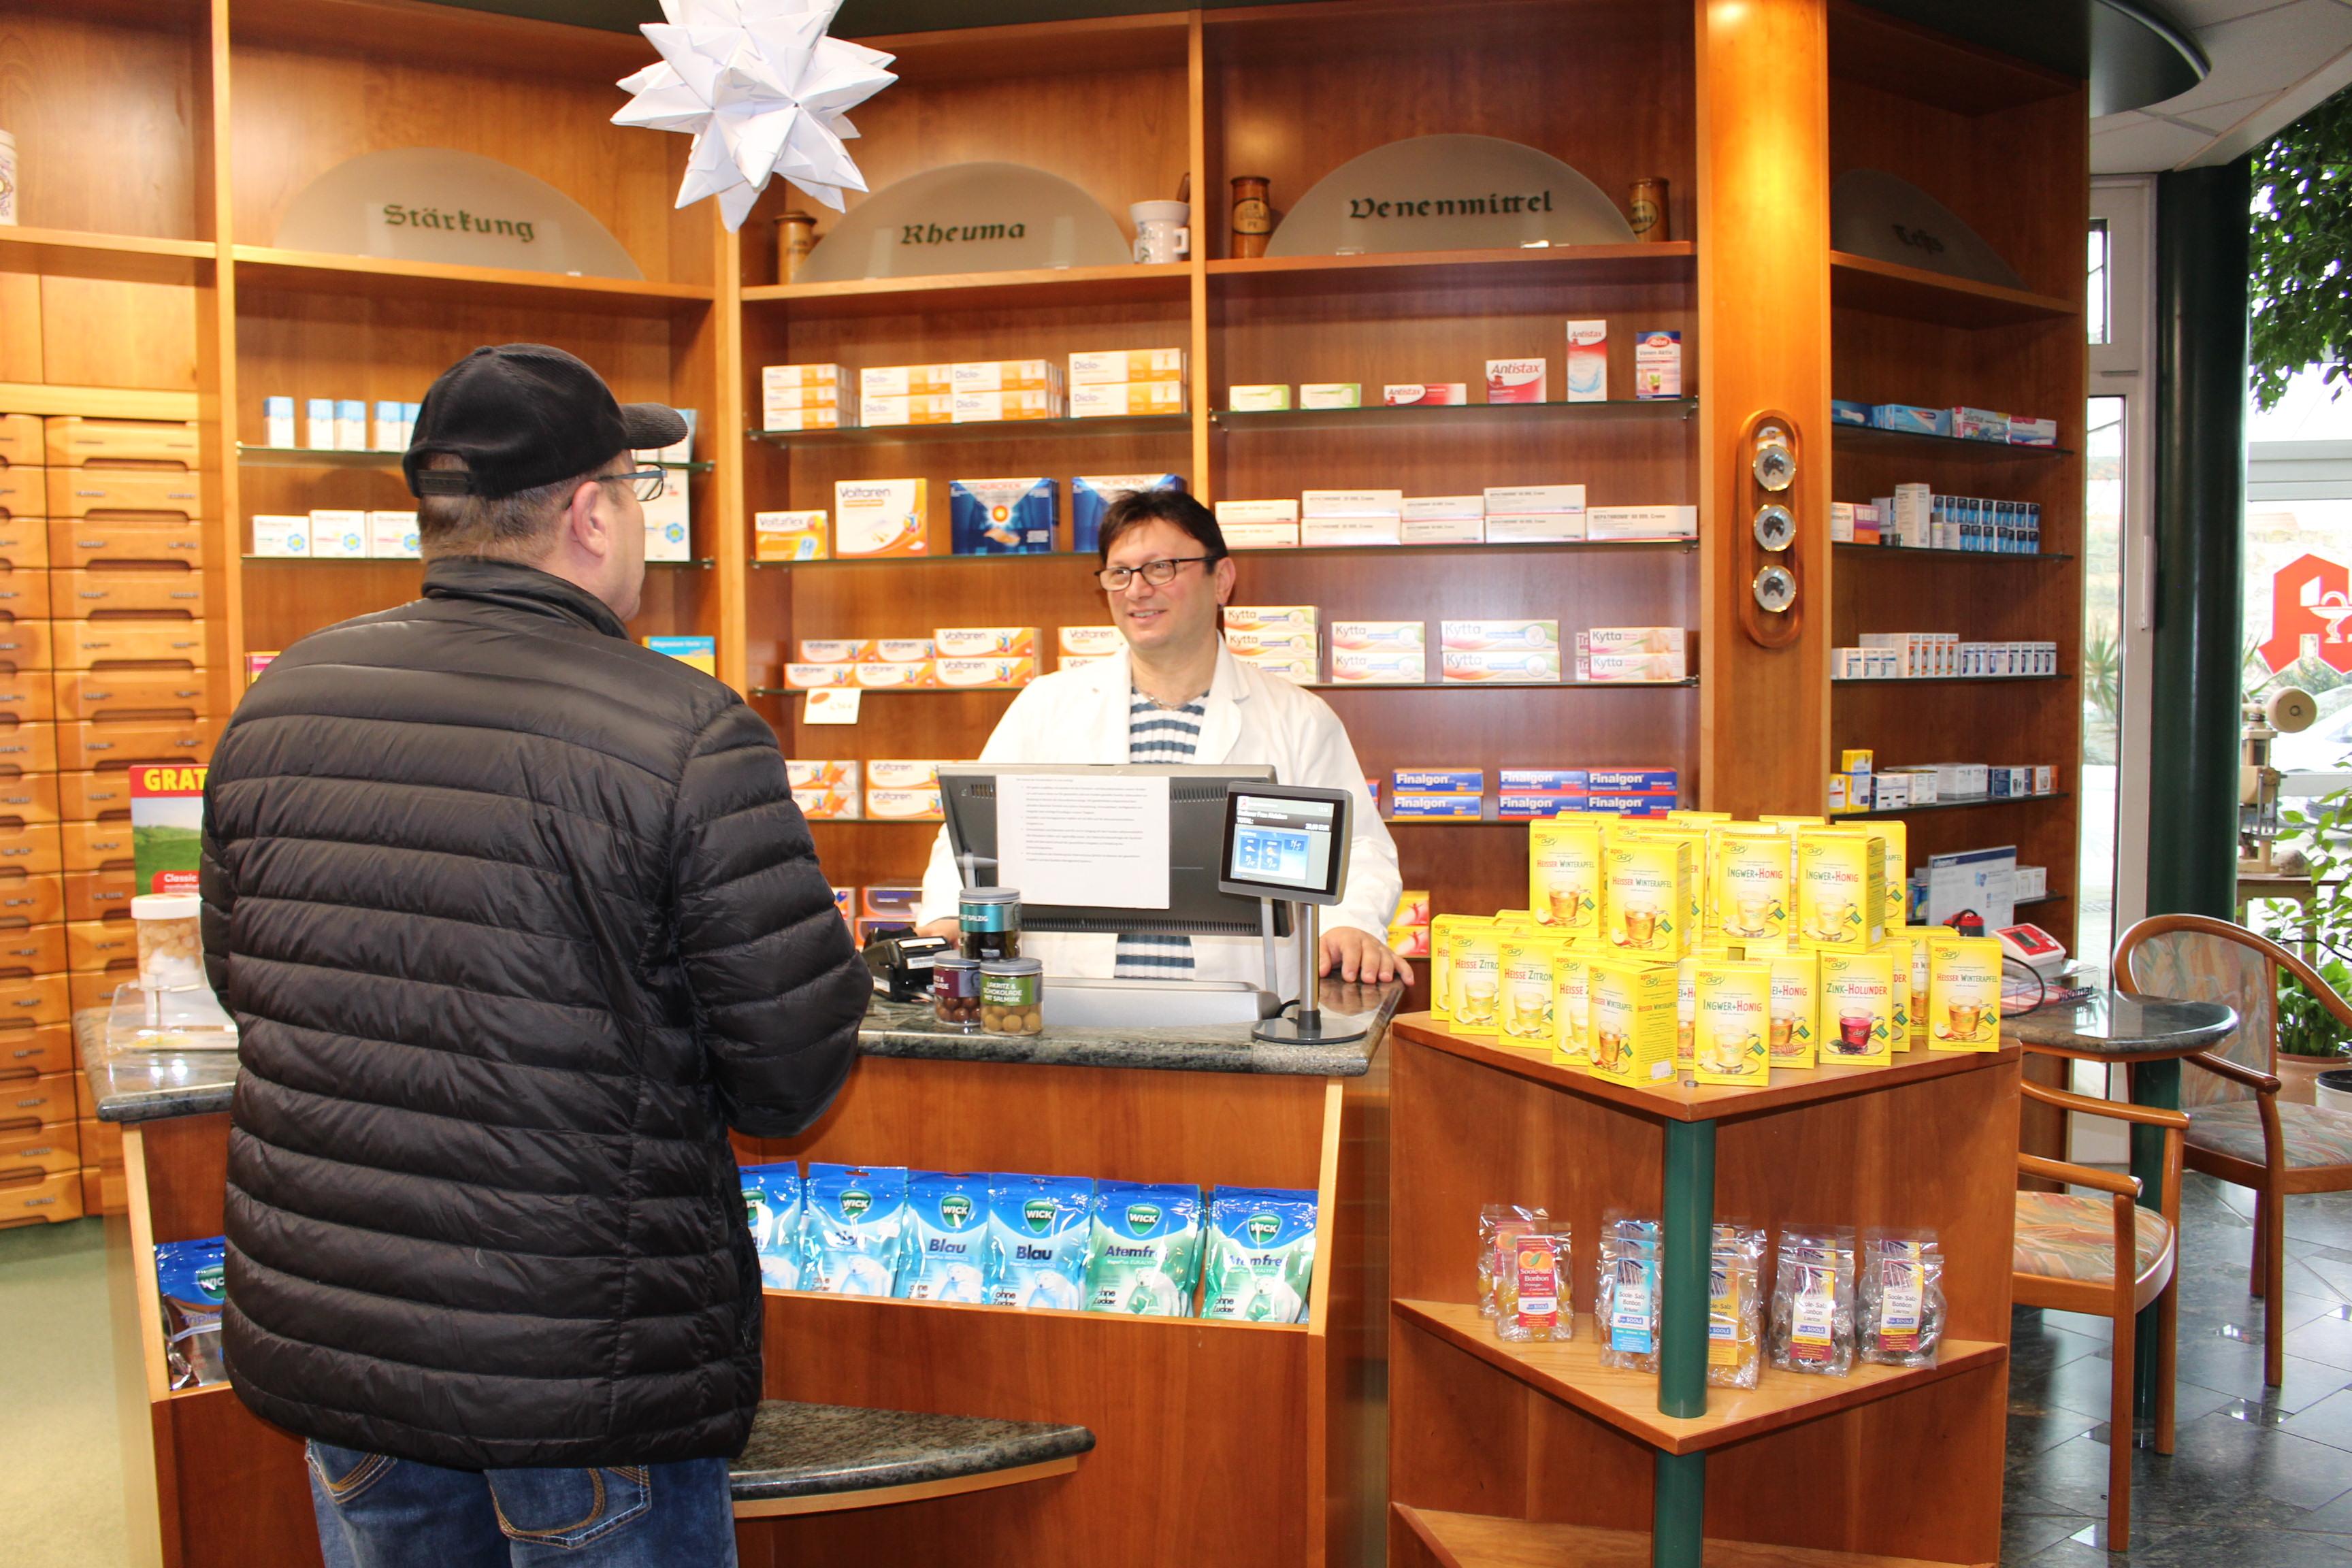 Wartan Wartanian steht hinter dem Tresen in einer Apotheke und bedient einen Kunden.